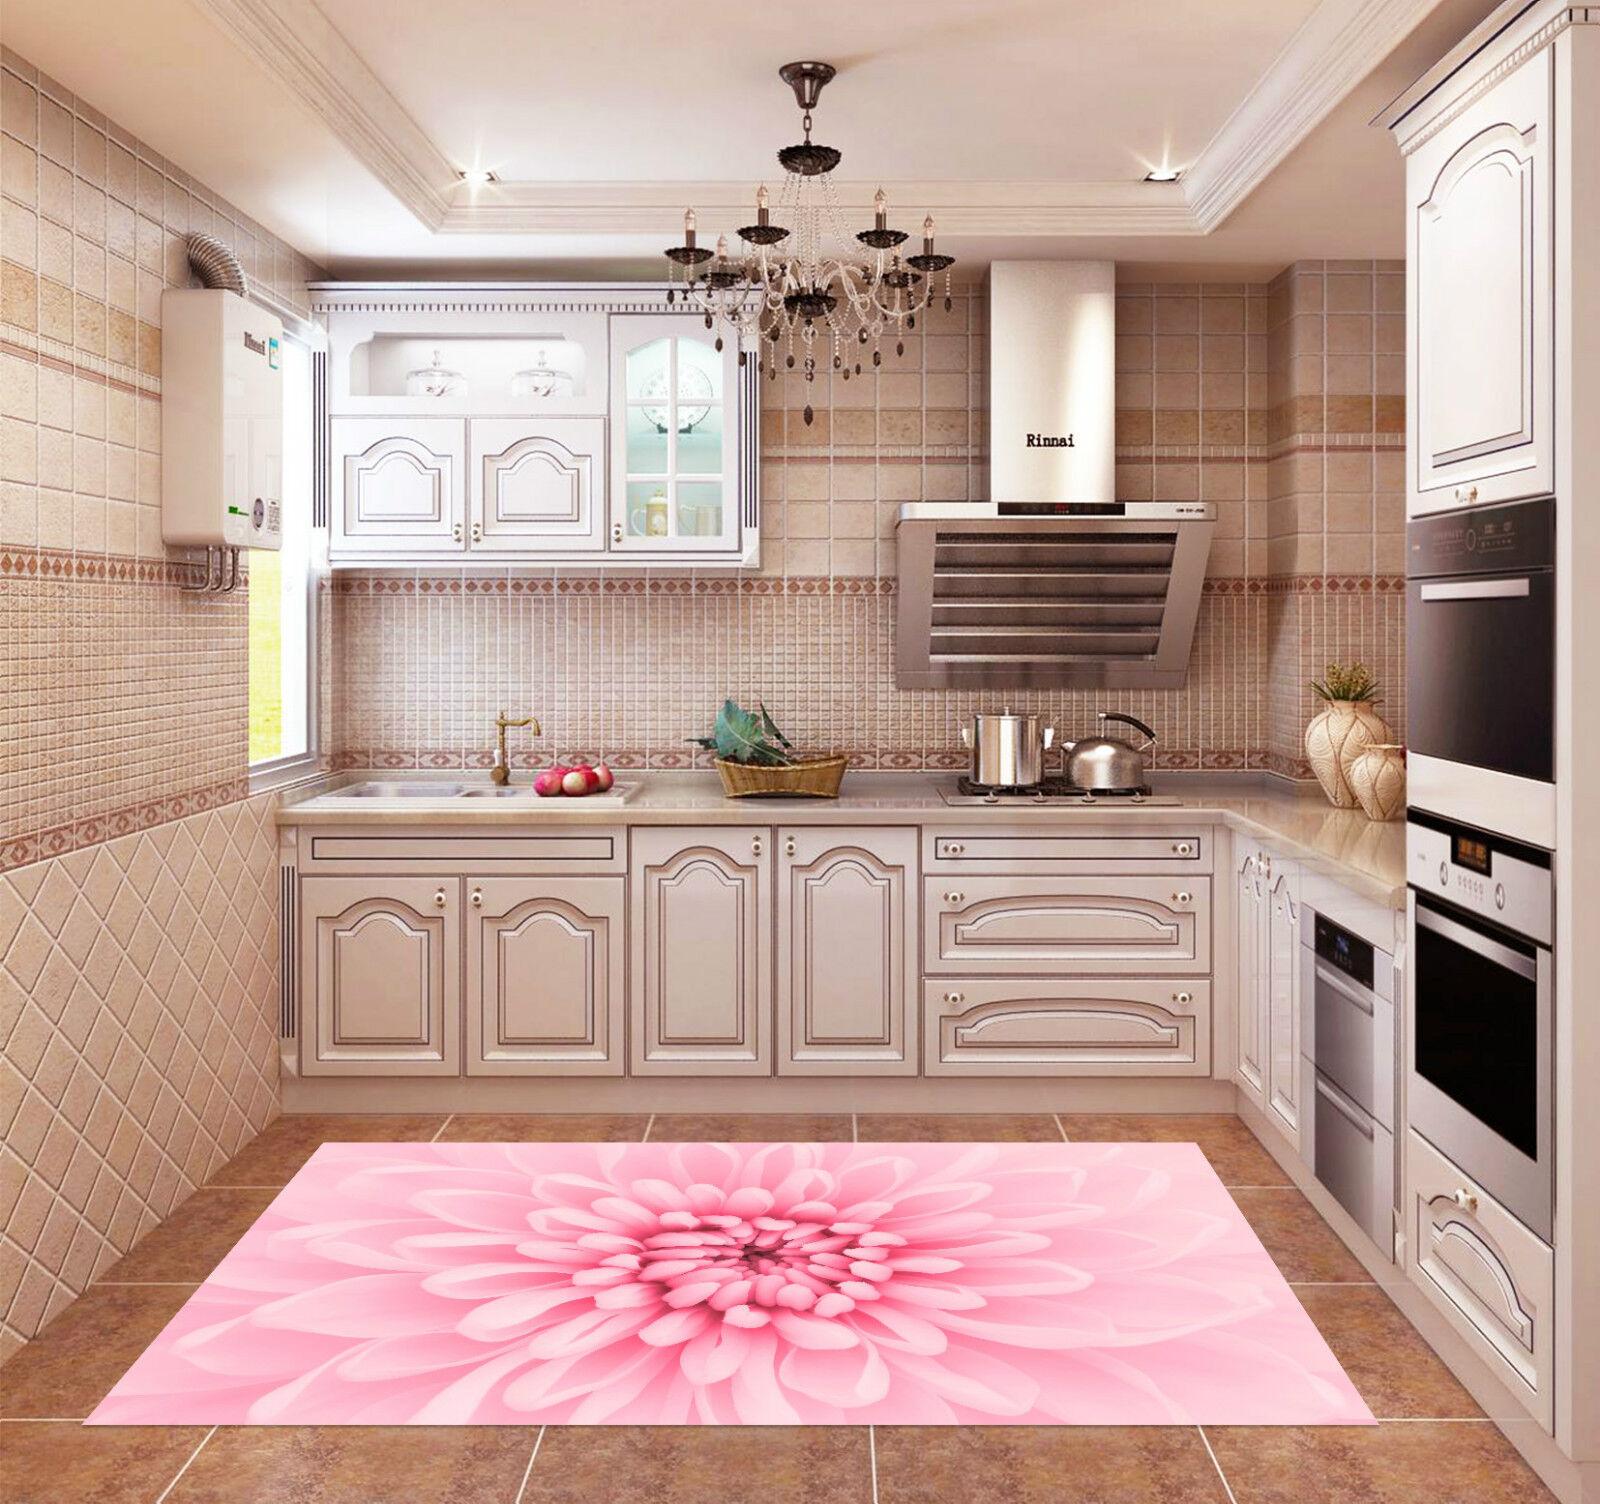 3D Rose Chrysanthème 243 243 243 Décor Mural Murale De Mur De Cuisine AJ WALLPAPER FR | Pour Assurer Problèmes Pendant Des Années-service Gratuit  34aae1